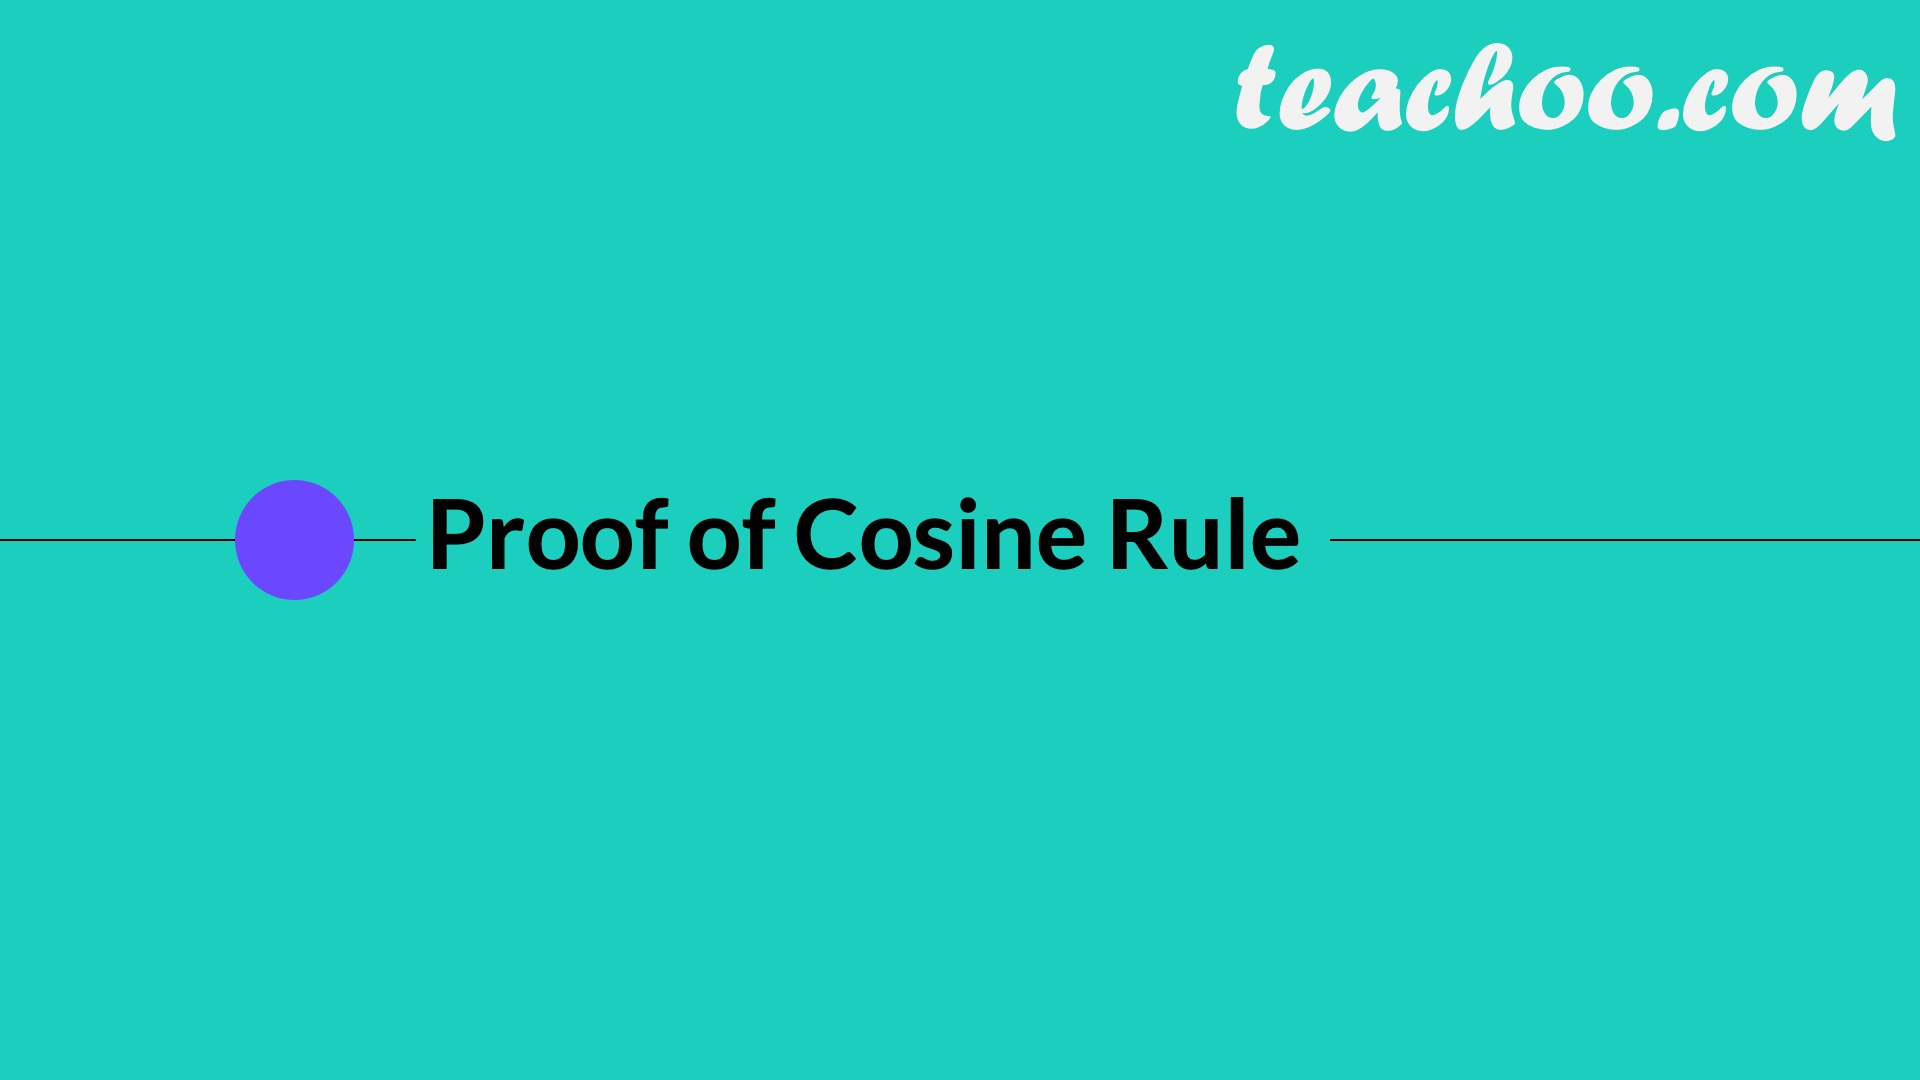 Law of Cosine (Cosine Law) - Part 2